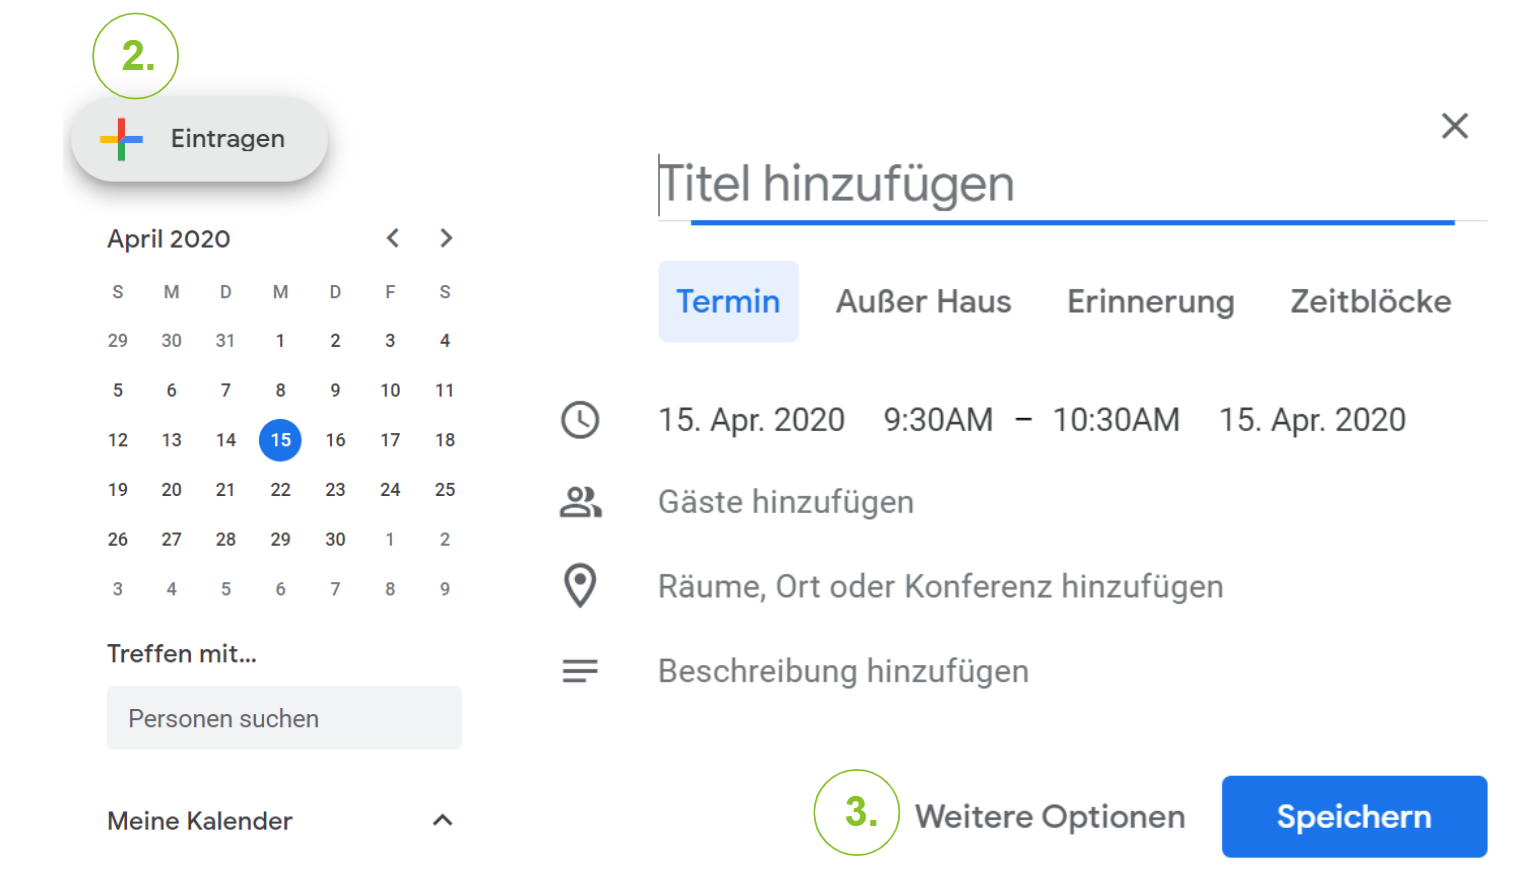 """Einen Google Meet Termin organisieren und """"Weitere Optionen"""" aufrufen."""